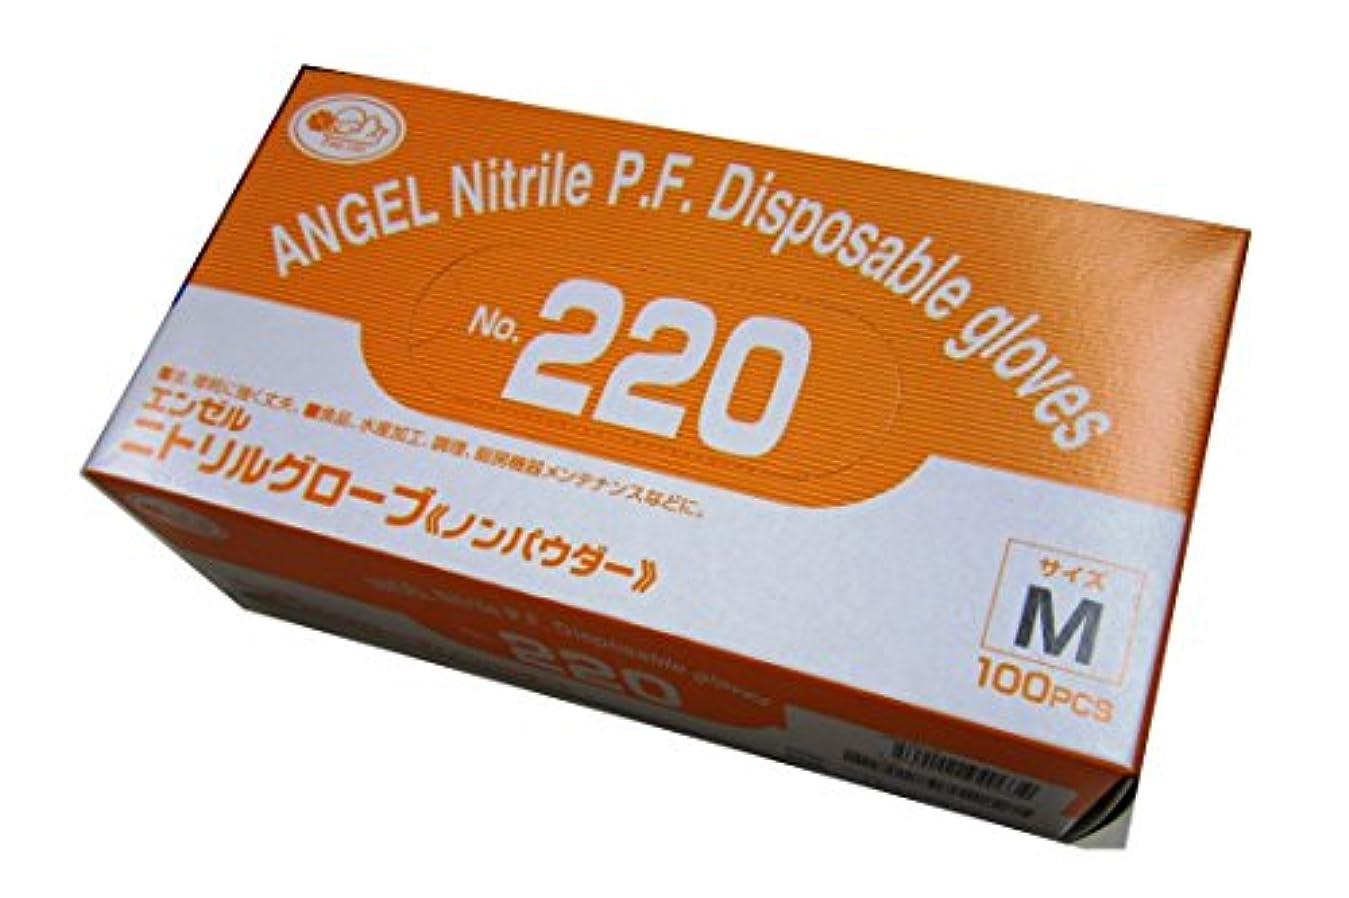 歌詞書士数学サンフラワー No.220 ニトリルグローブ ノンパウダー ホワイト 100枚入り (M)